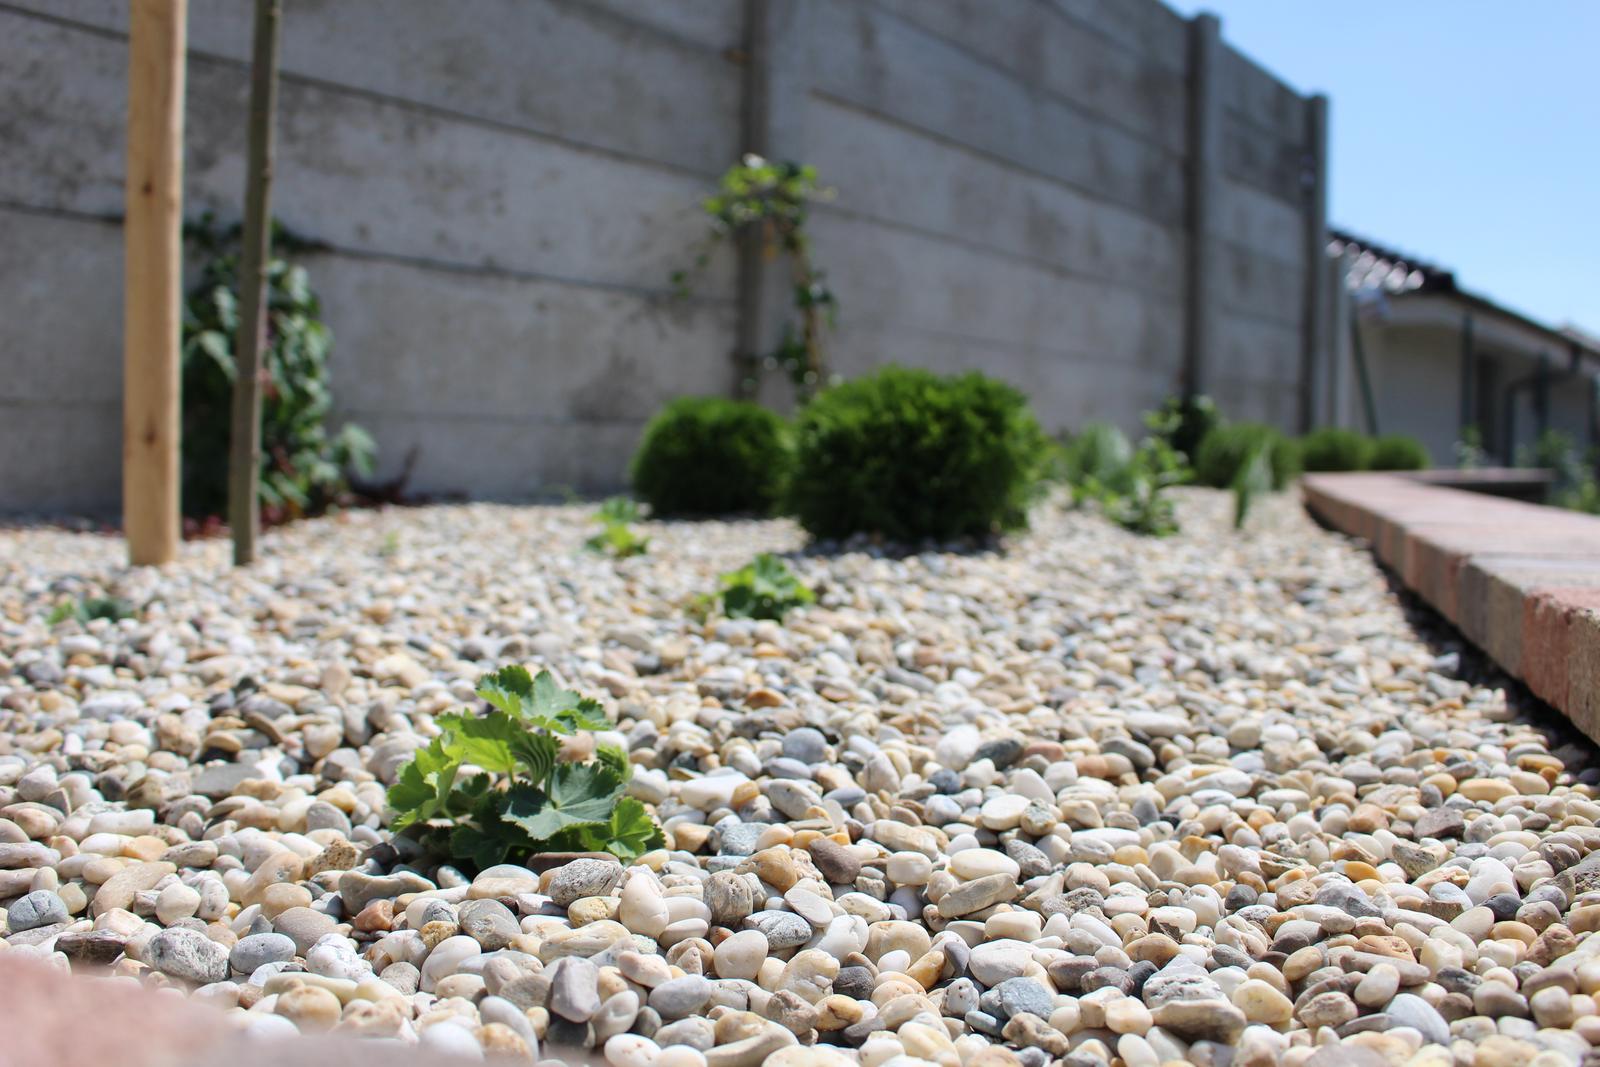 Exteriér - záhrada - Po 2 týždňoch - alchemilky sa vzchopili